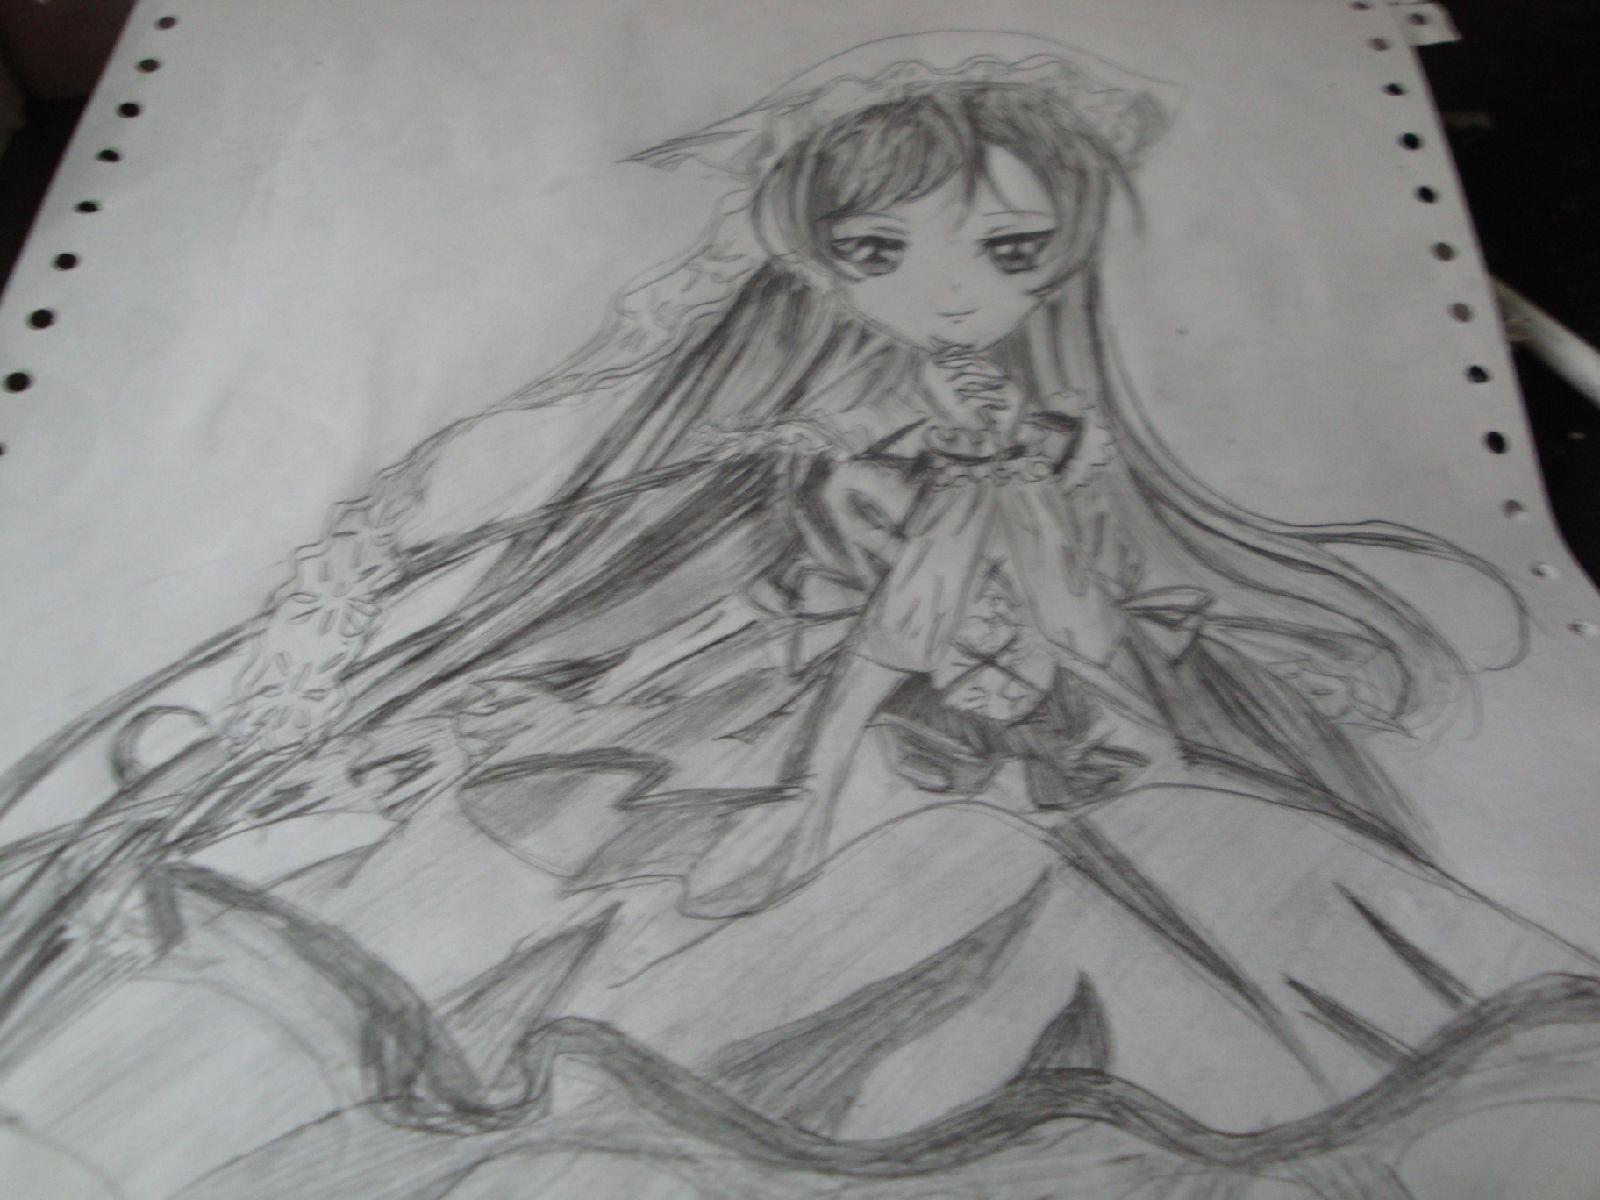 动漫手绘铅笔女生